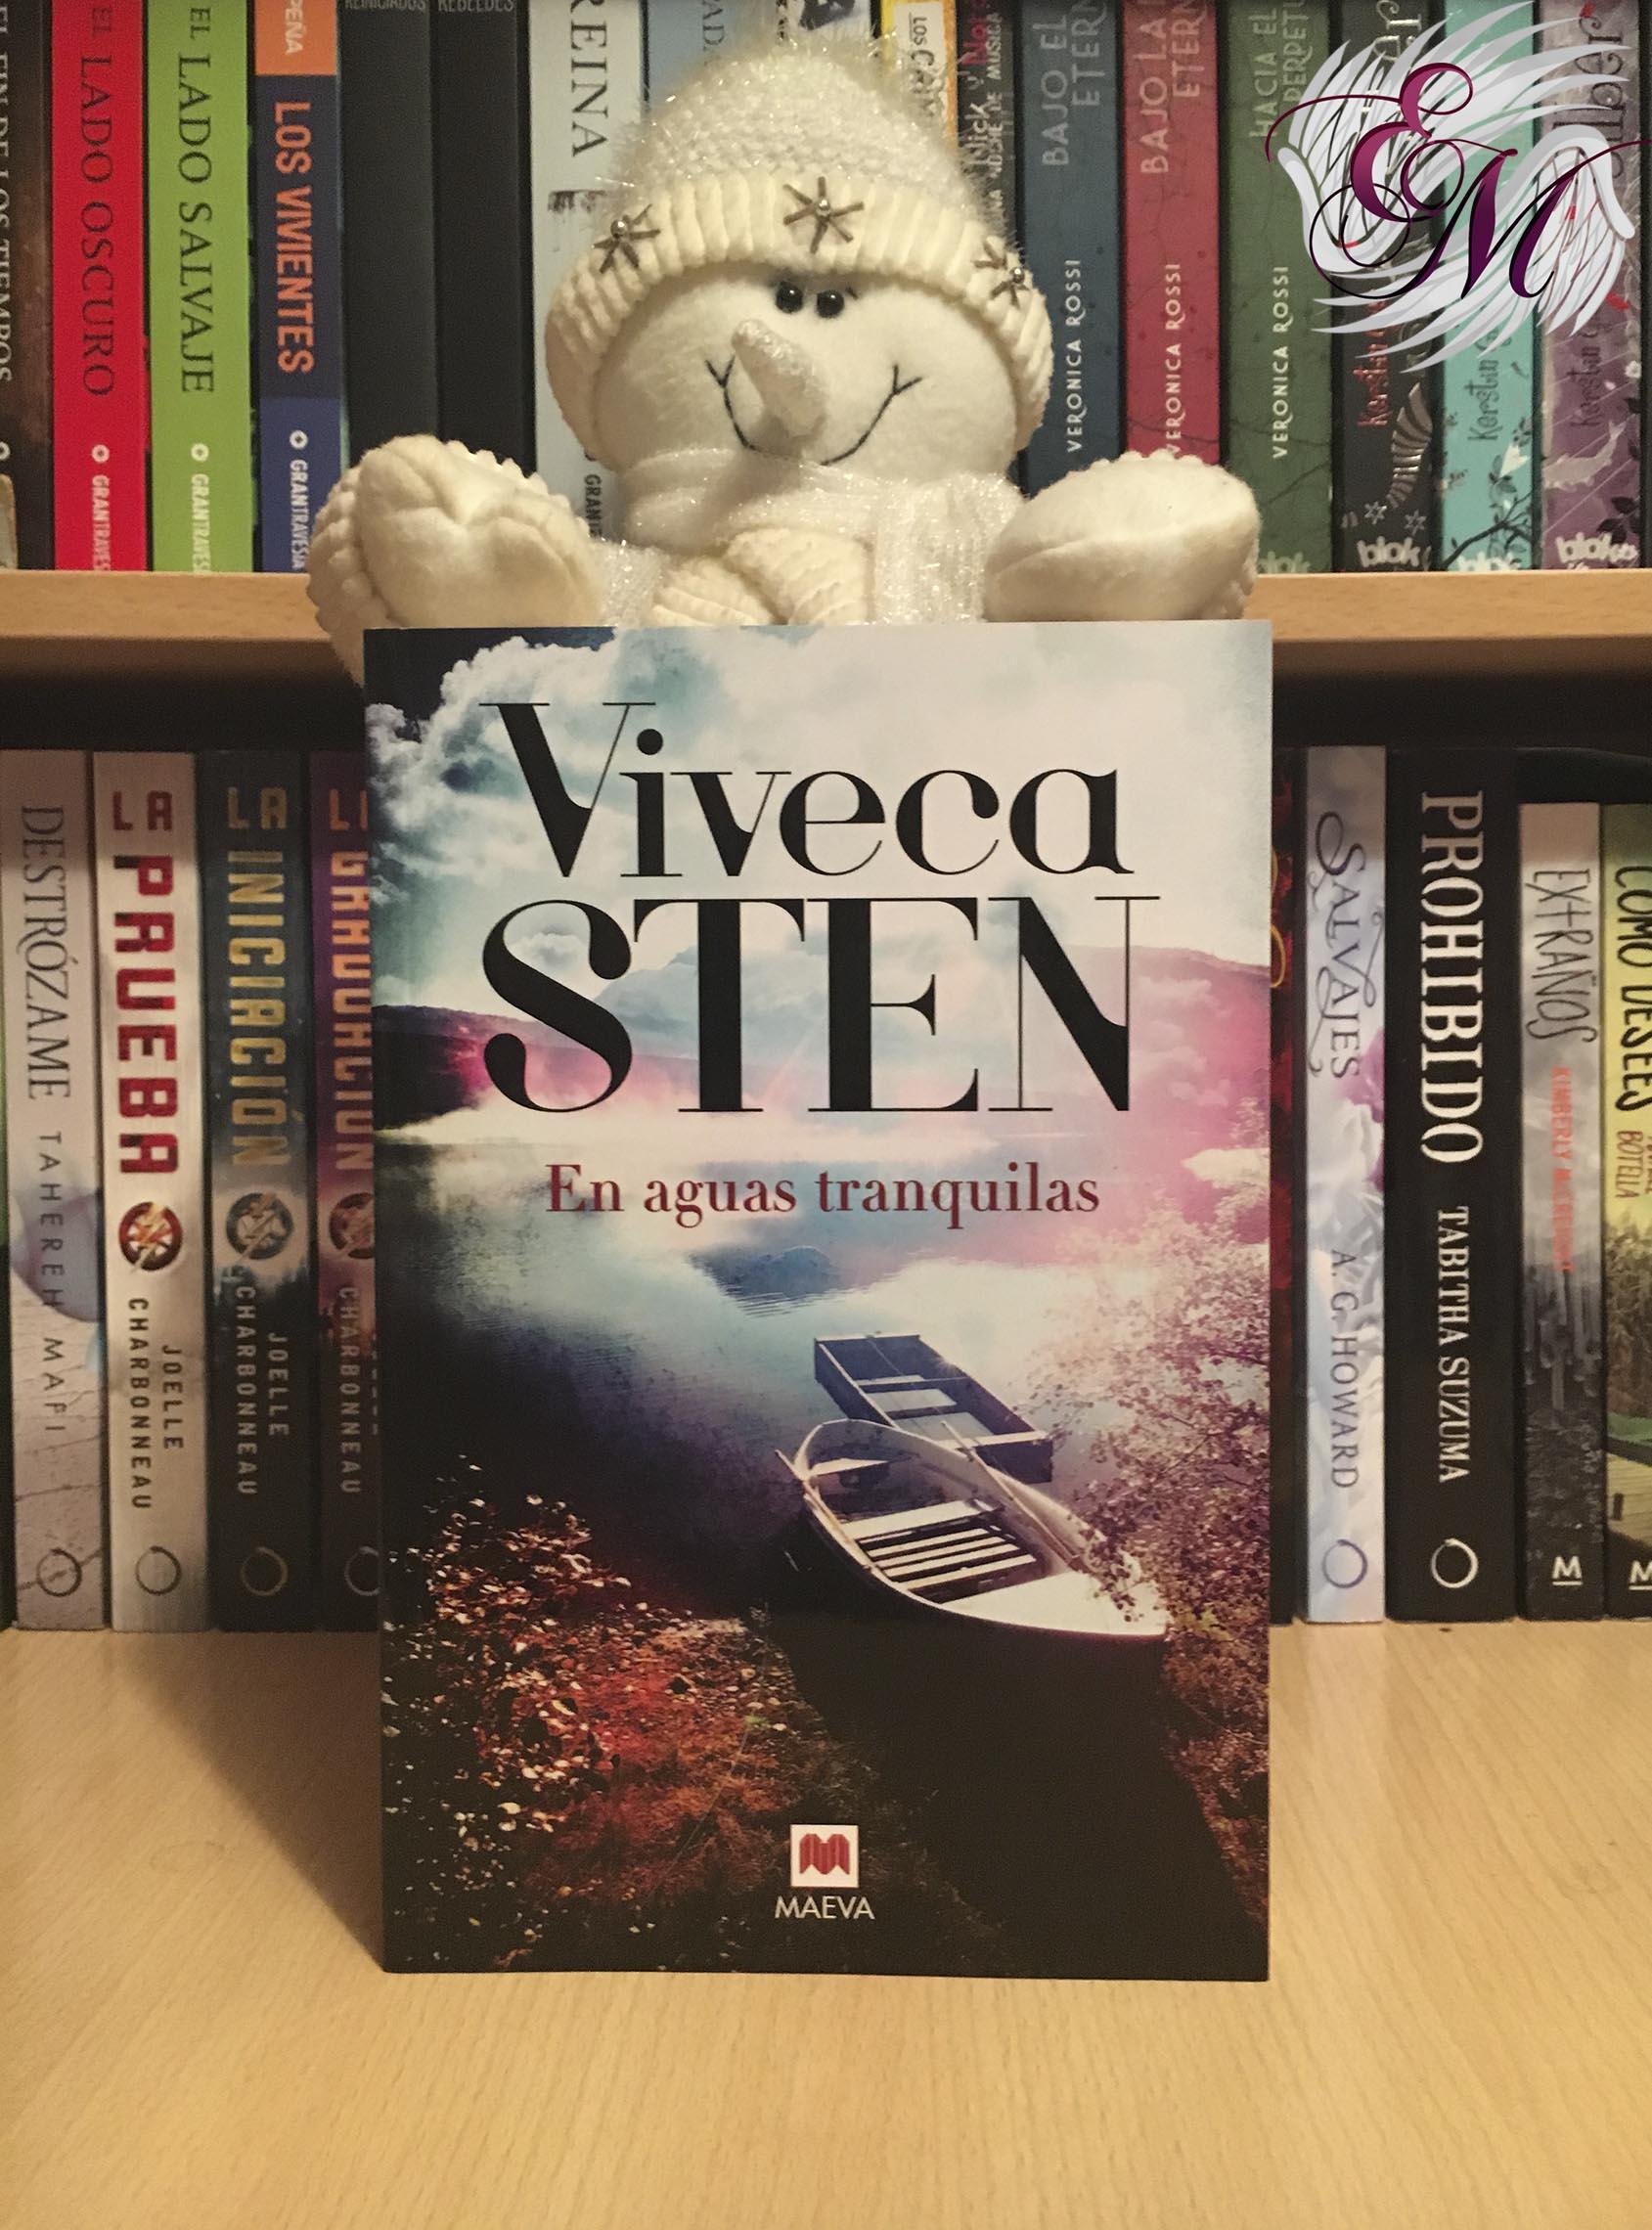 En aguas tranquilas, de Viveca Sten - Reseña